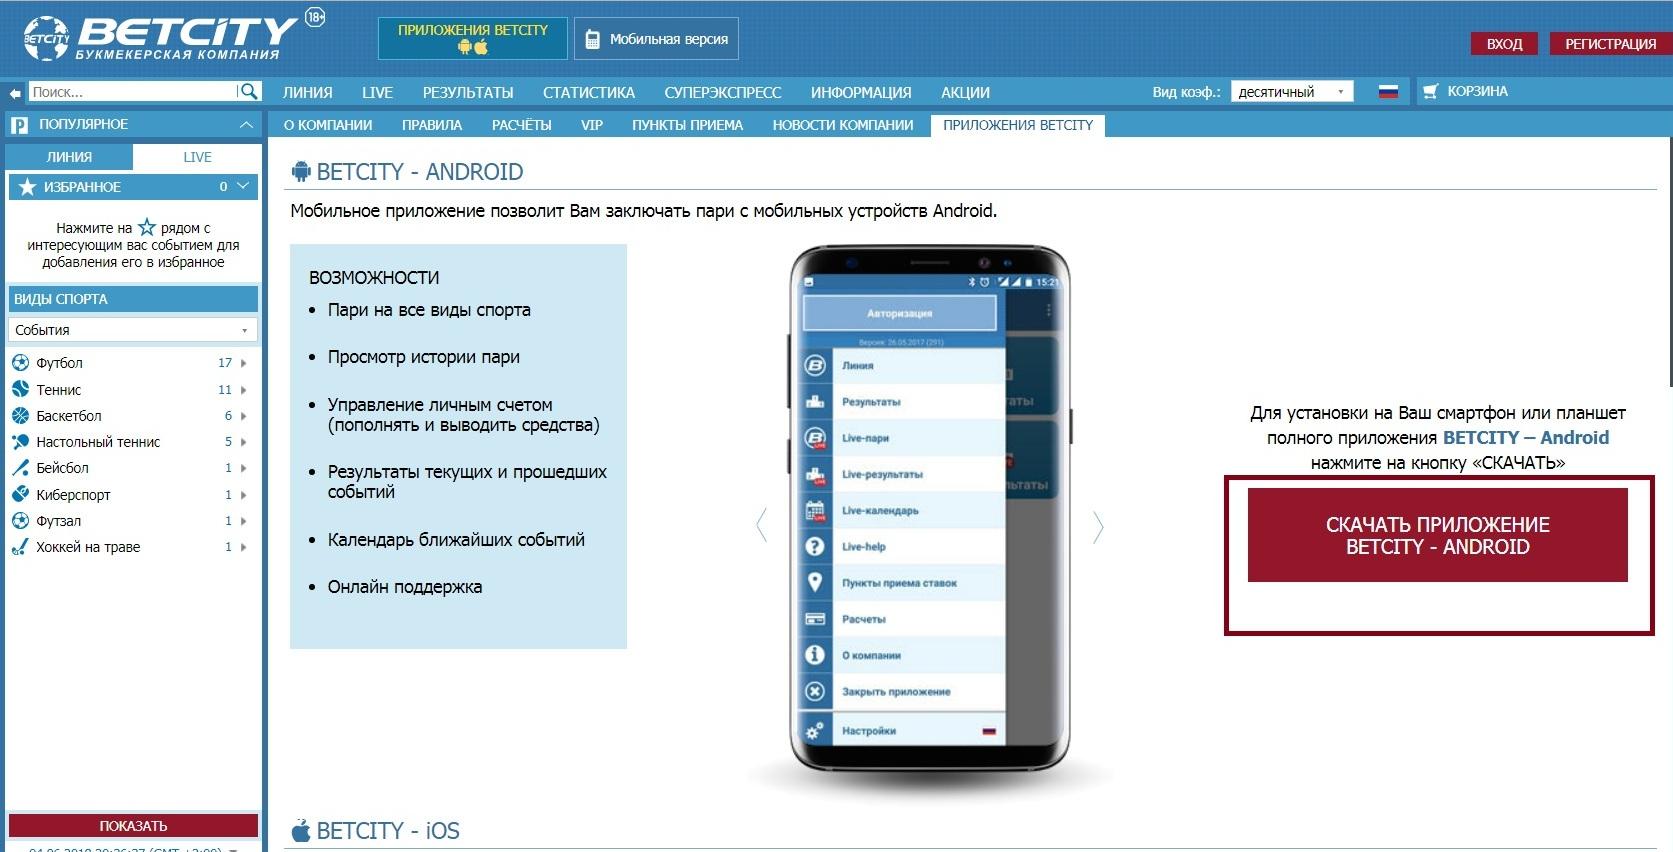 Обзор мобильного приложения Бетсити